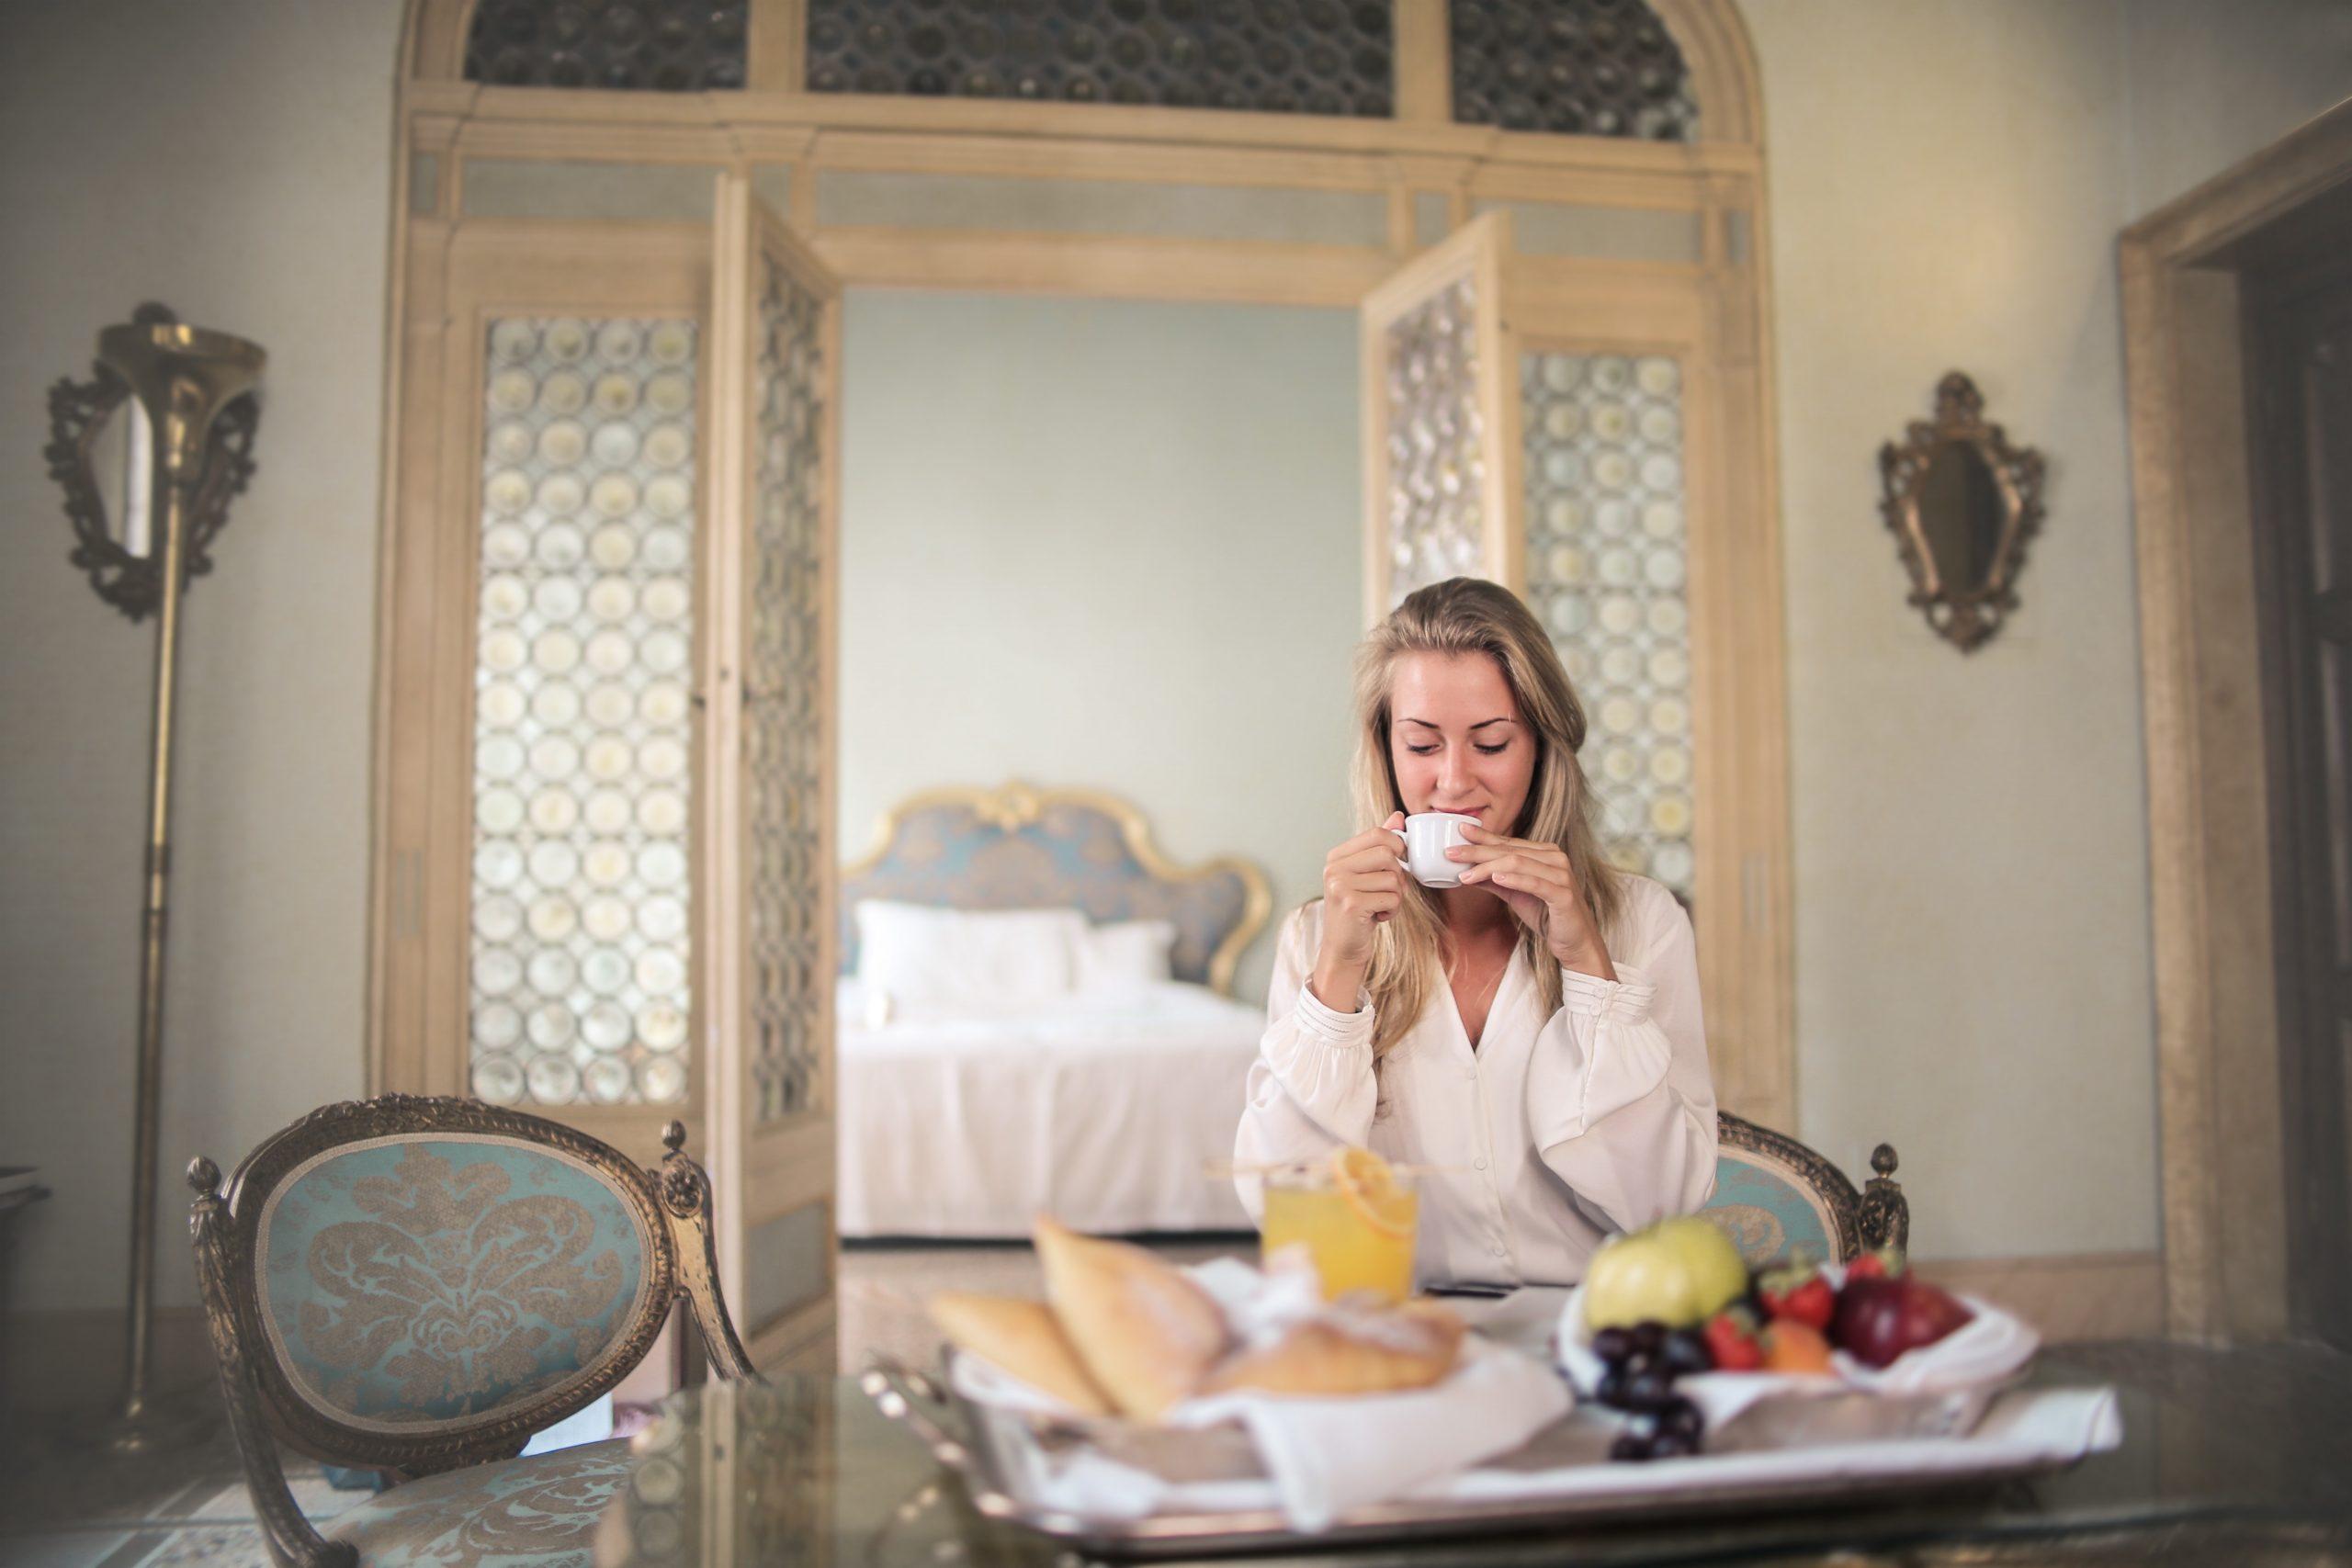 Na foto uma mulher sentada segunda uma xícara e na sua frente uma mesa com uma bandeja com frutas.